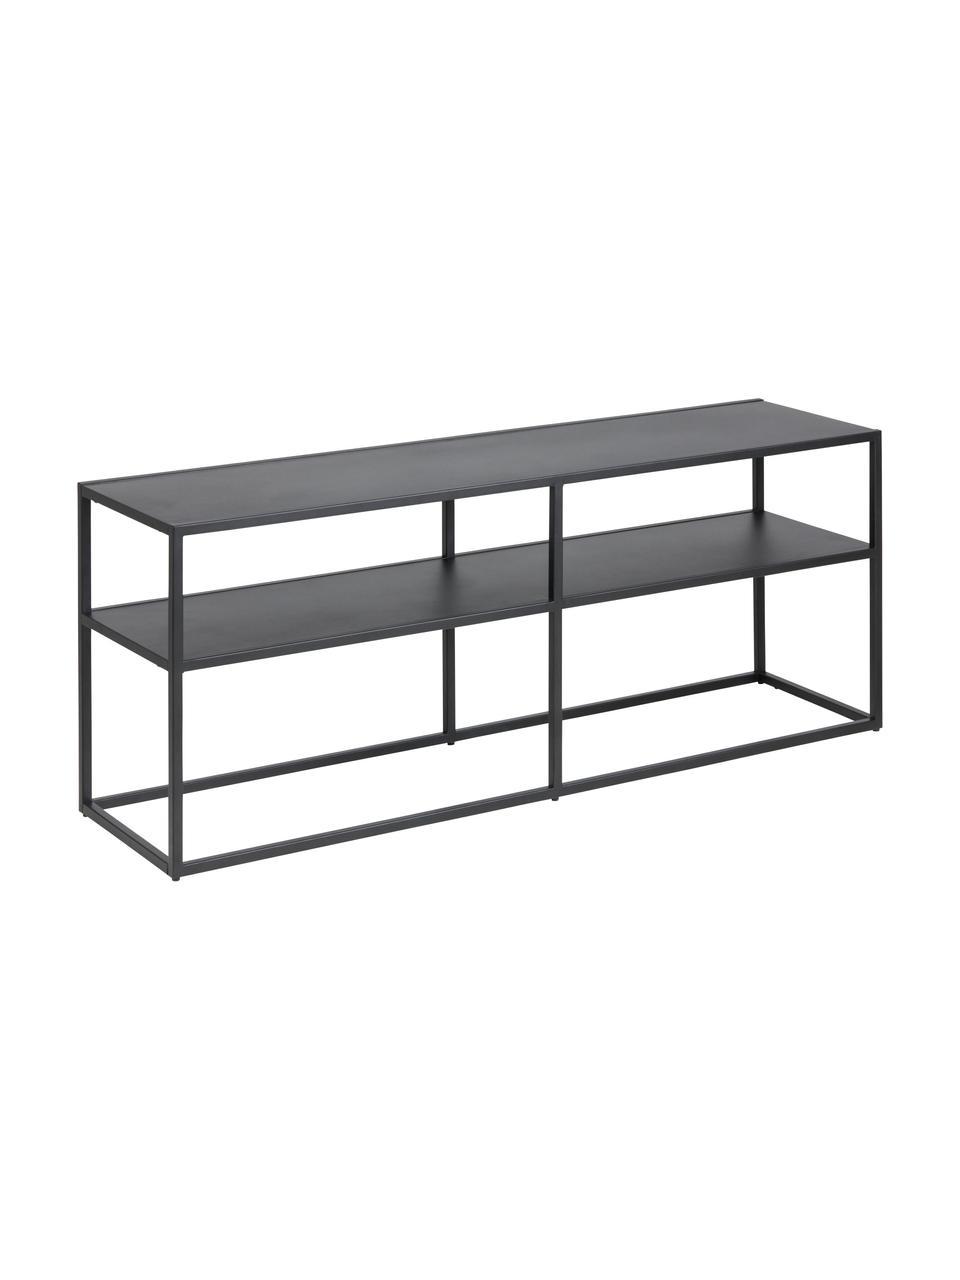 Metalen tv-meubel Newton in zwart, Gepoedercoat metaal, Zwart, 120 x 46 cm